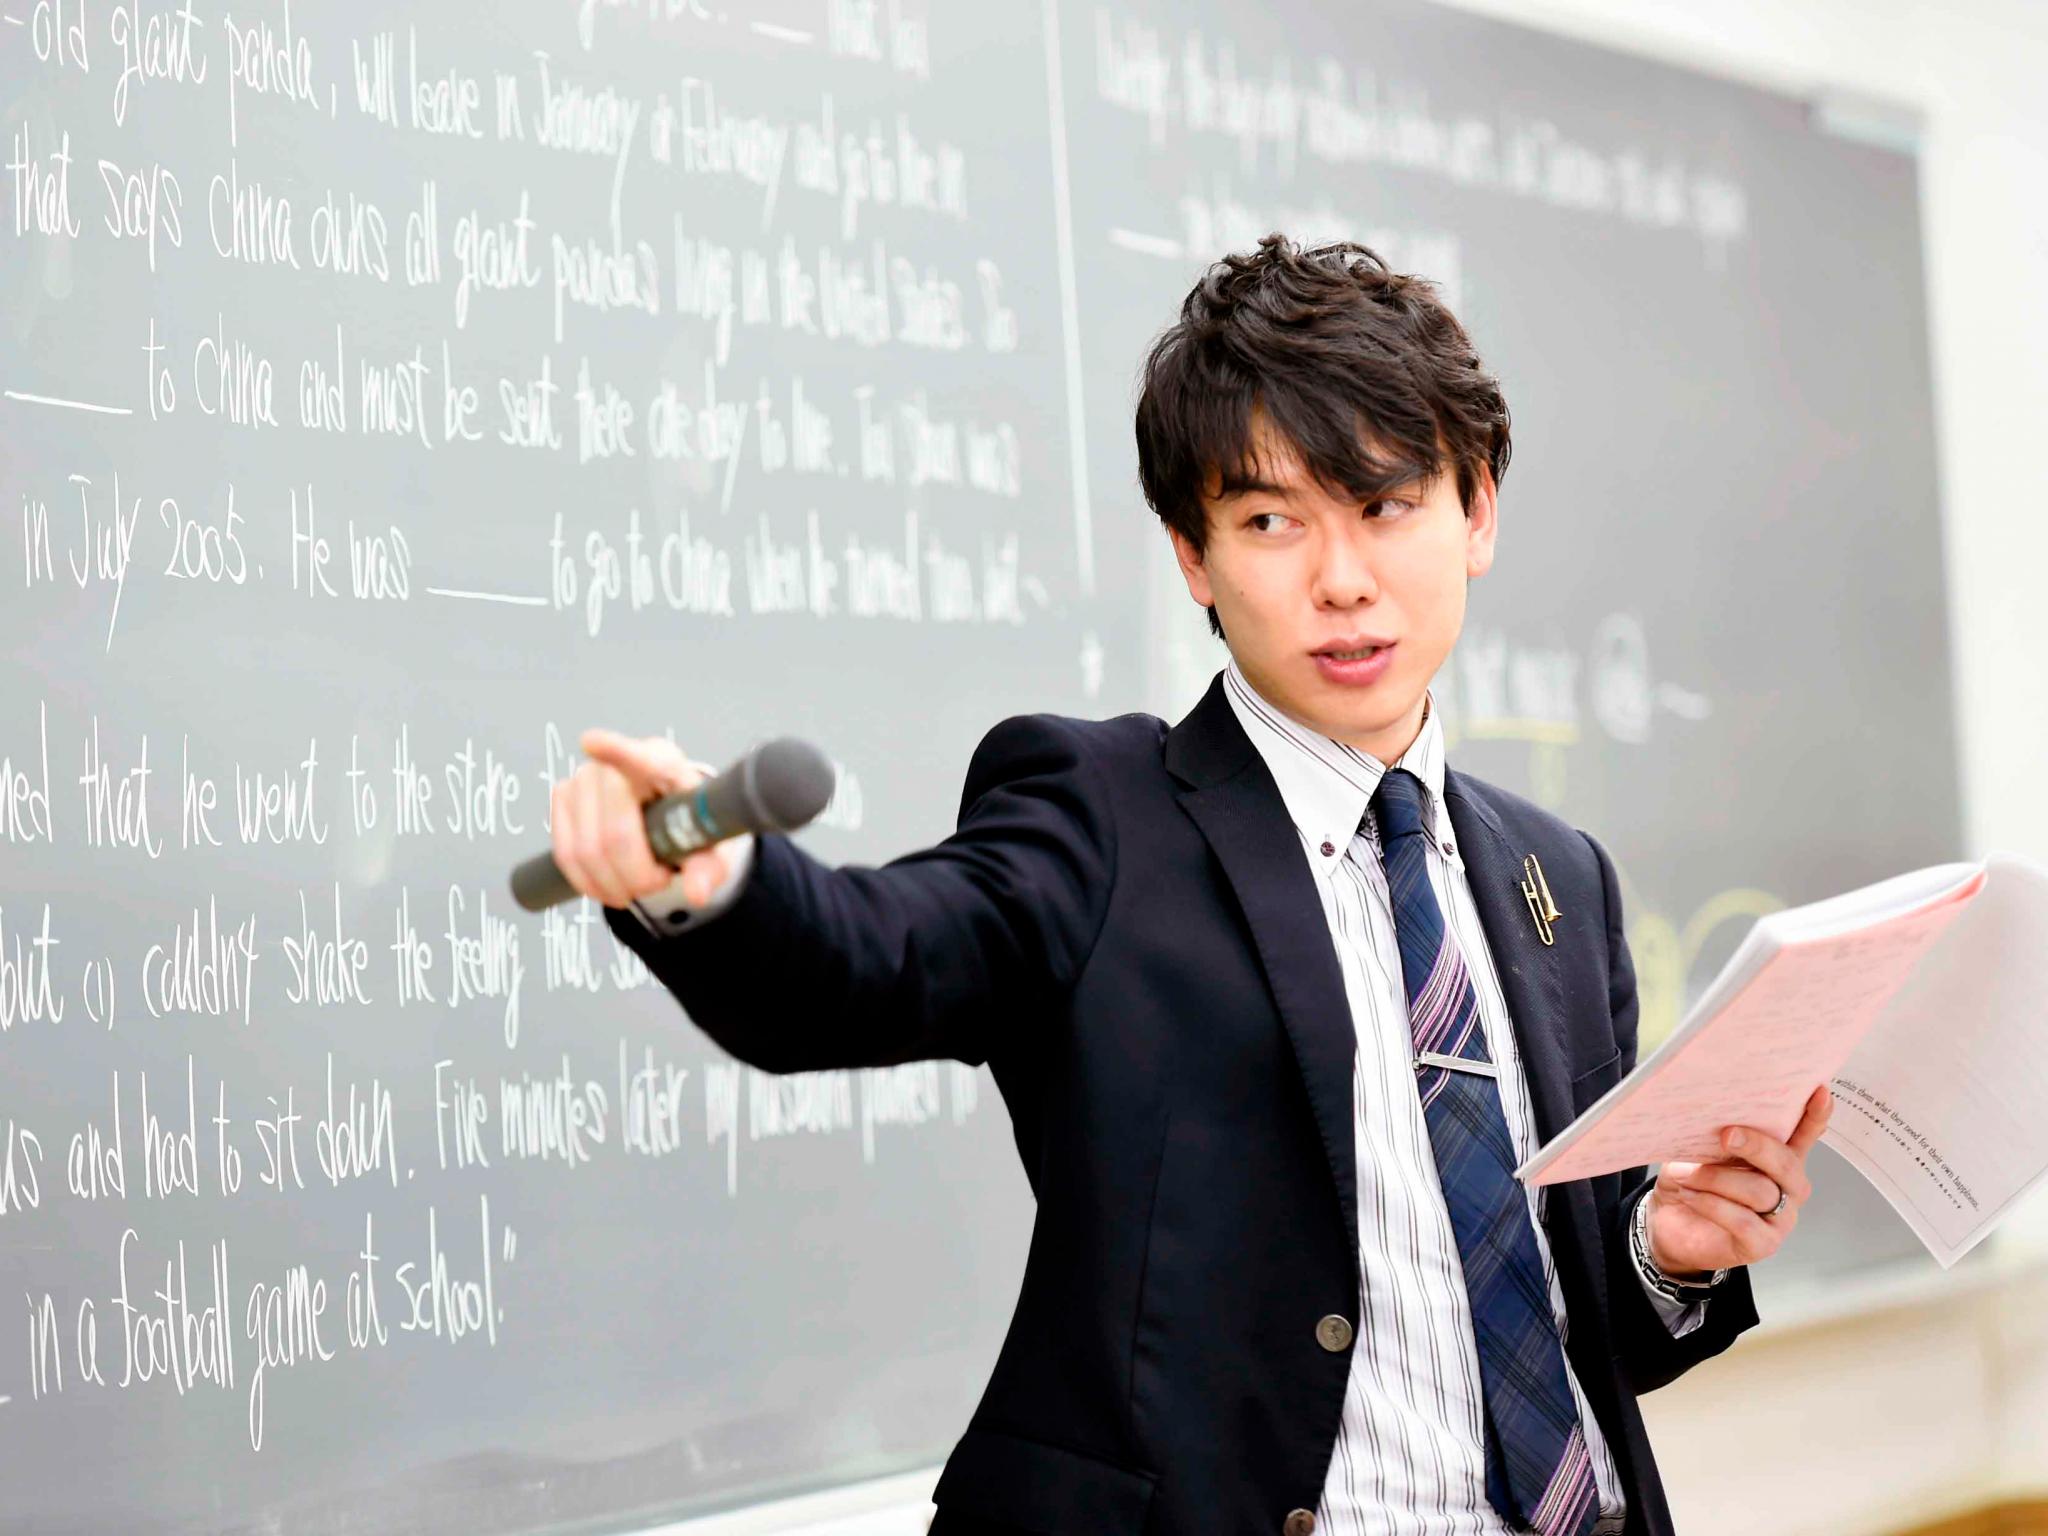 プロ講師による綿密な受験指導